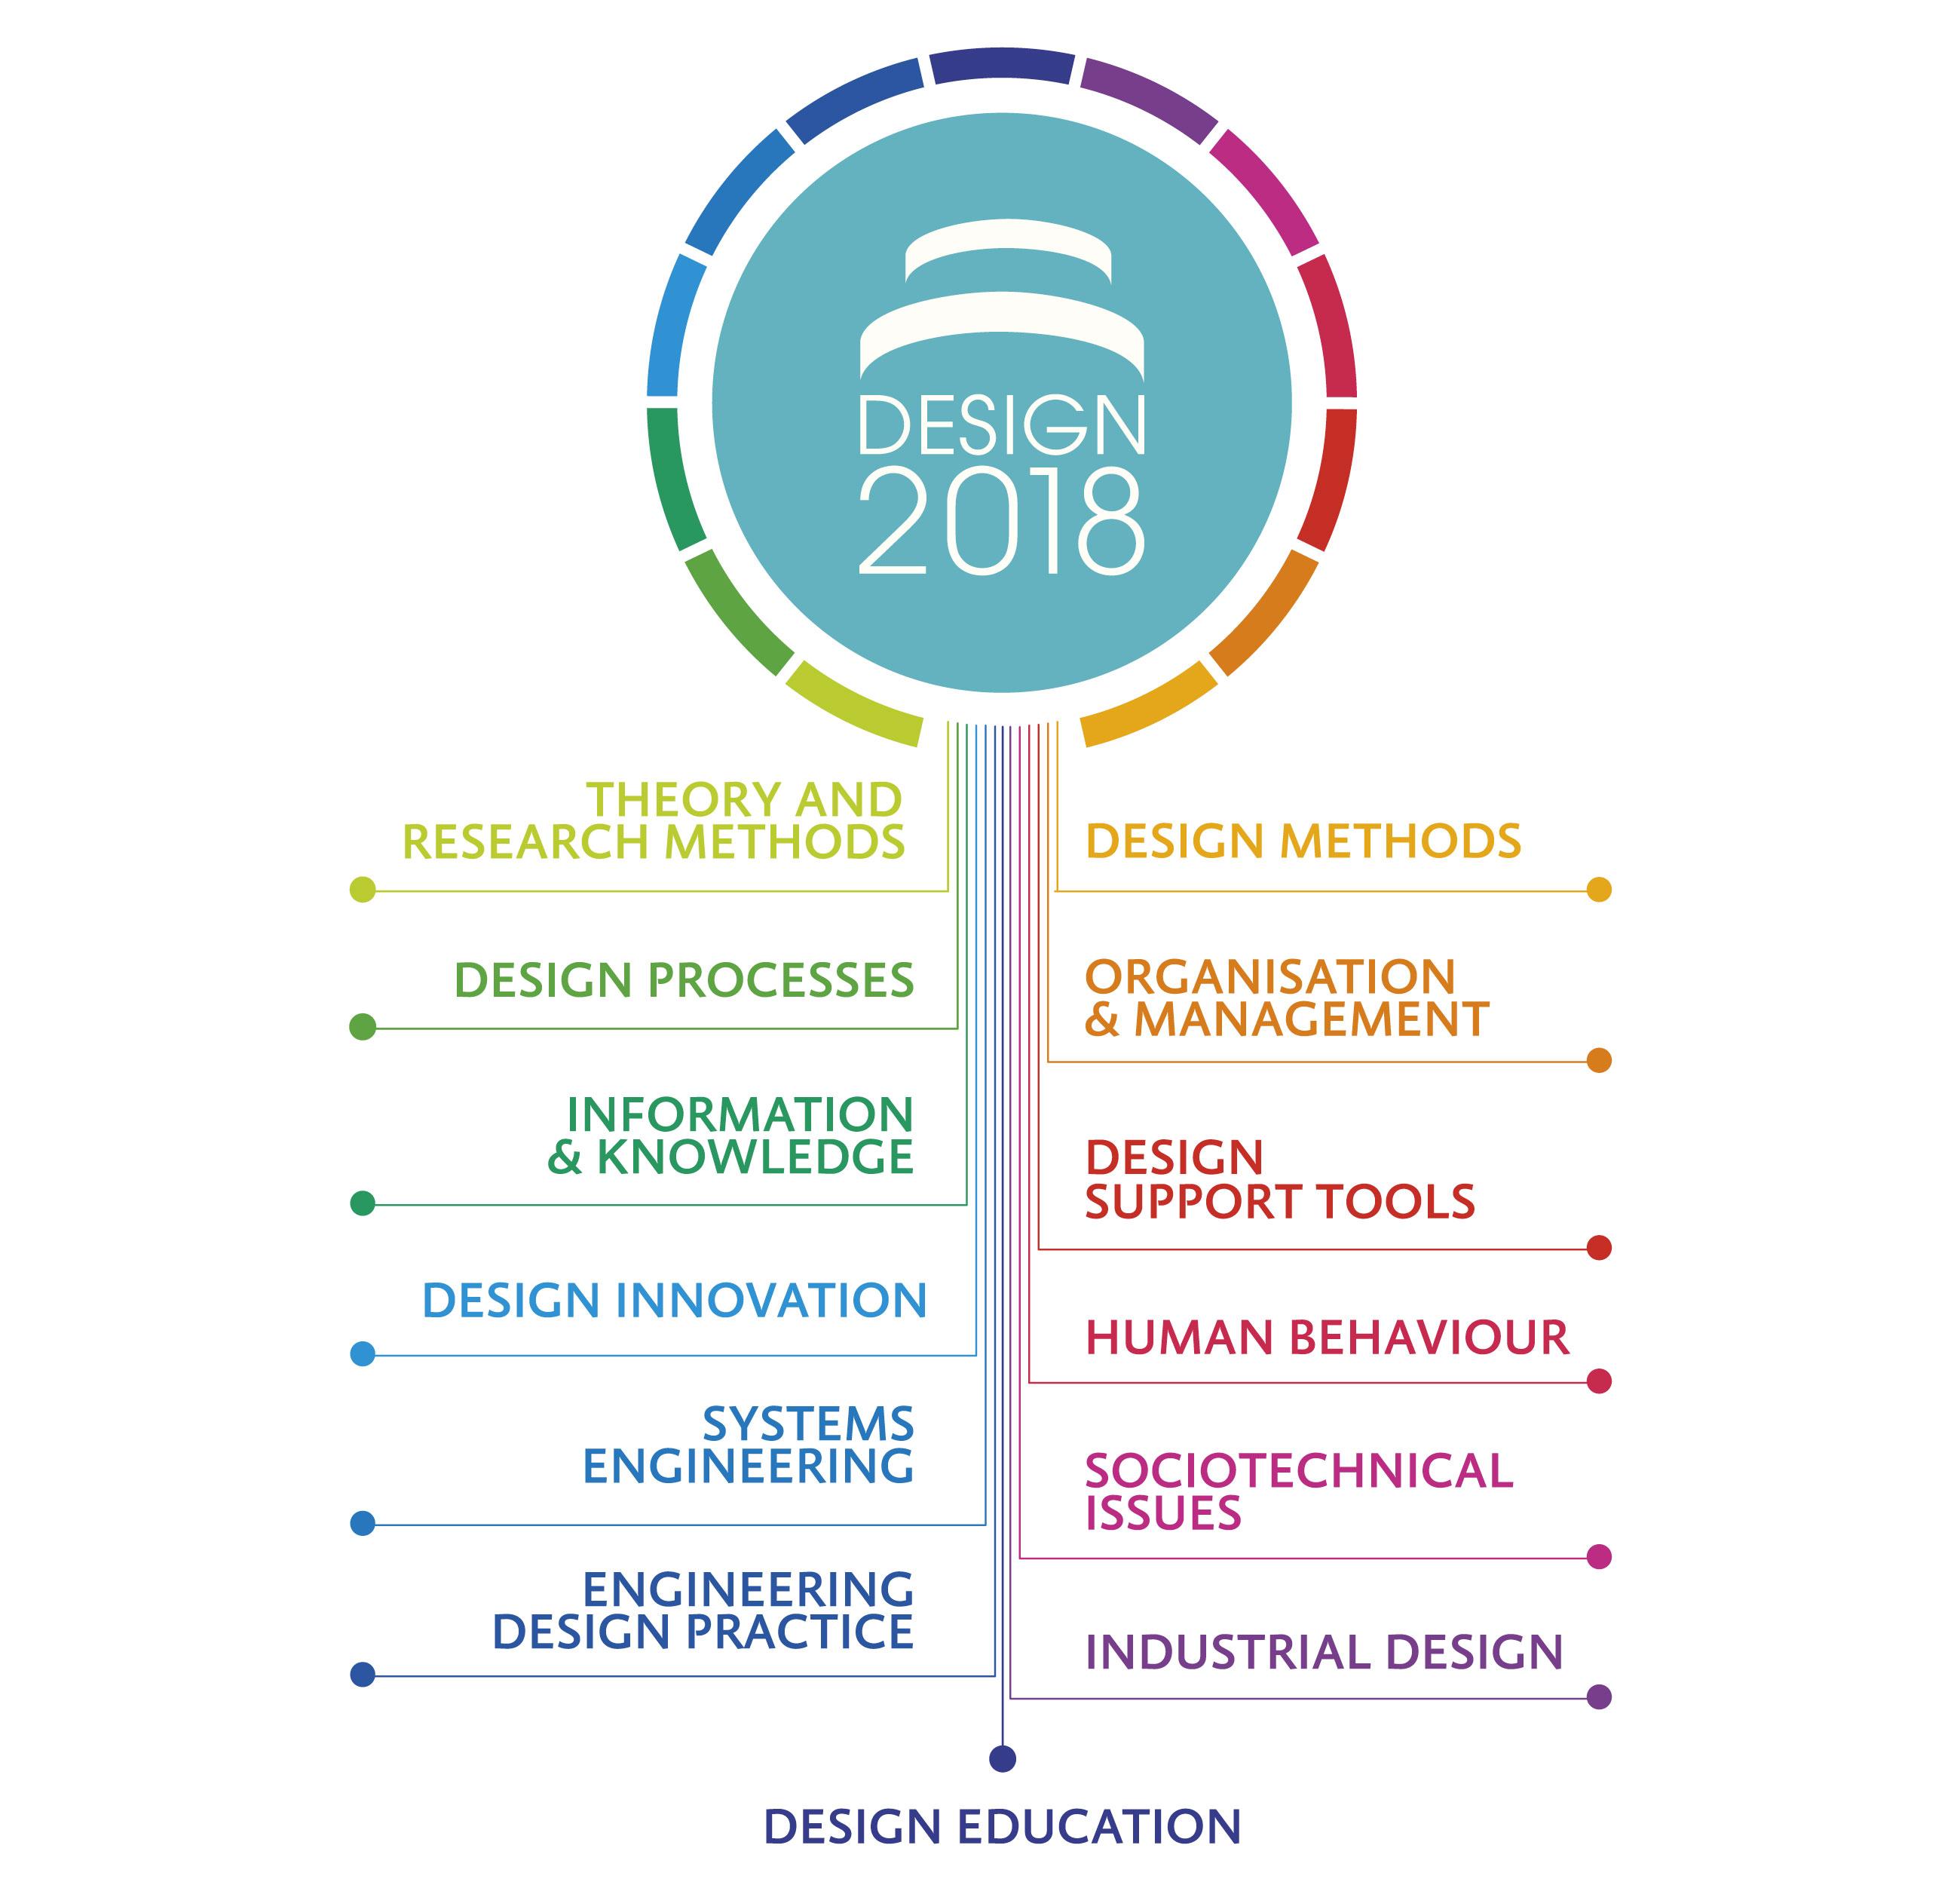 2018: DESIGN 2018 / DESIGN Conference